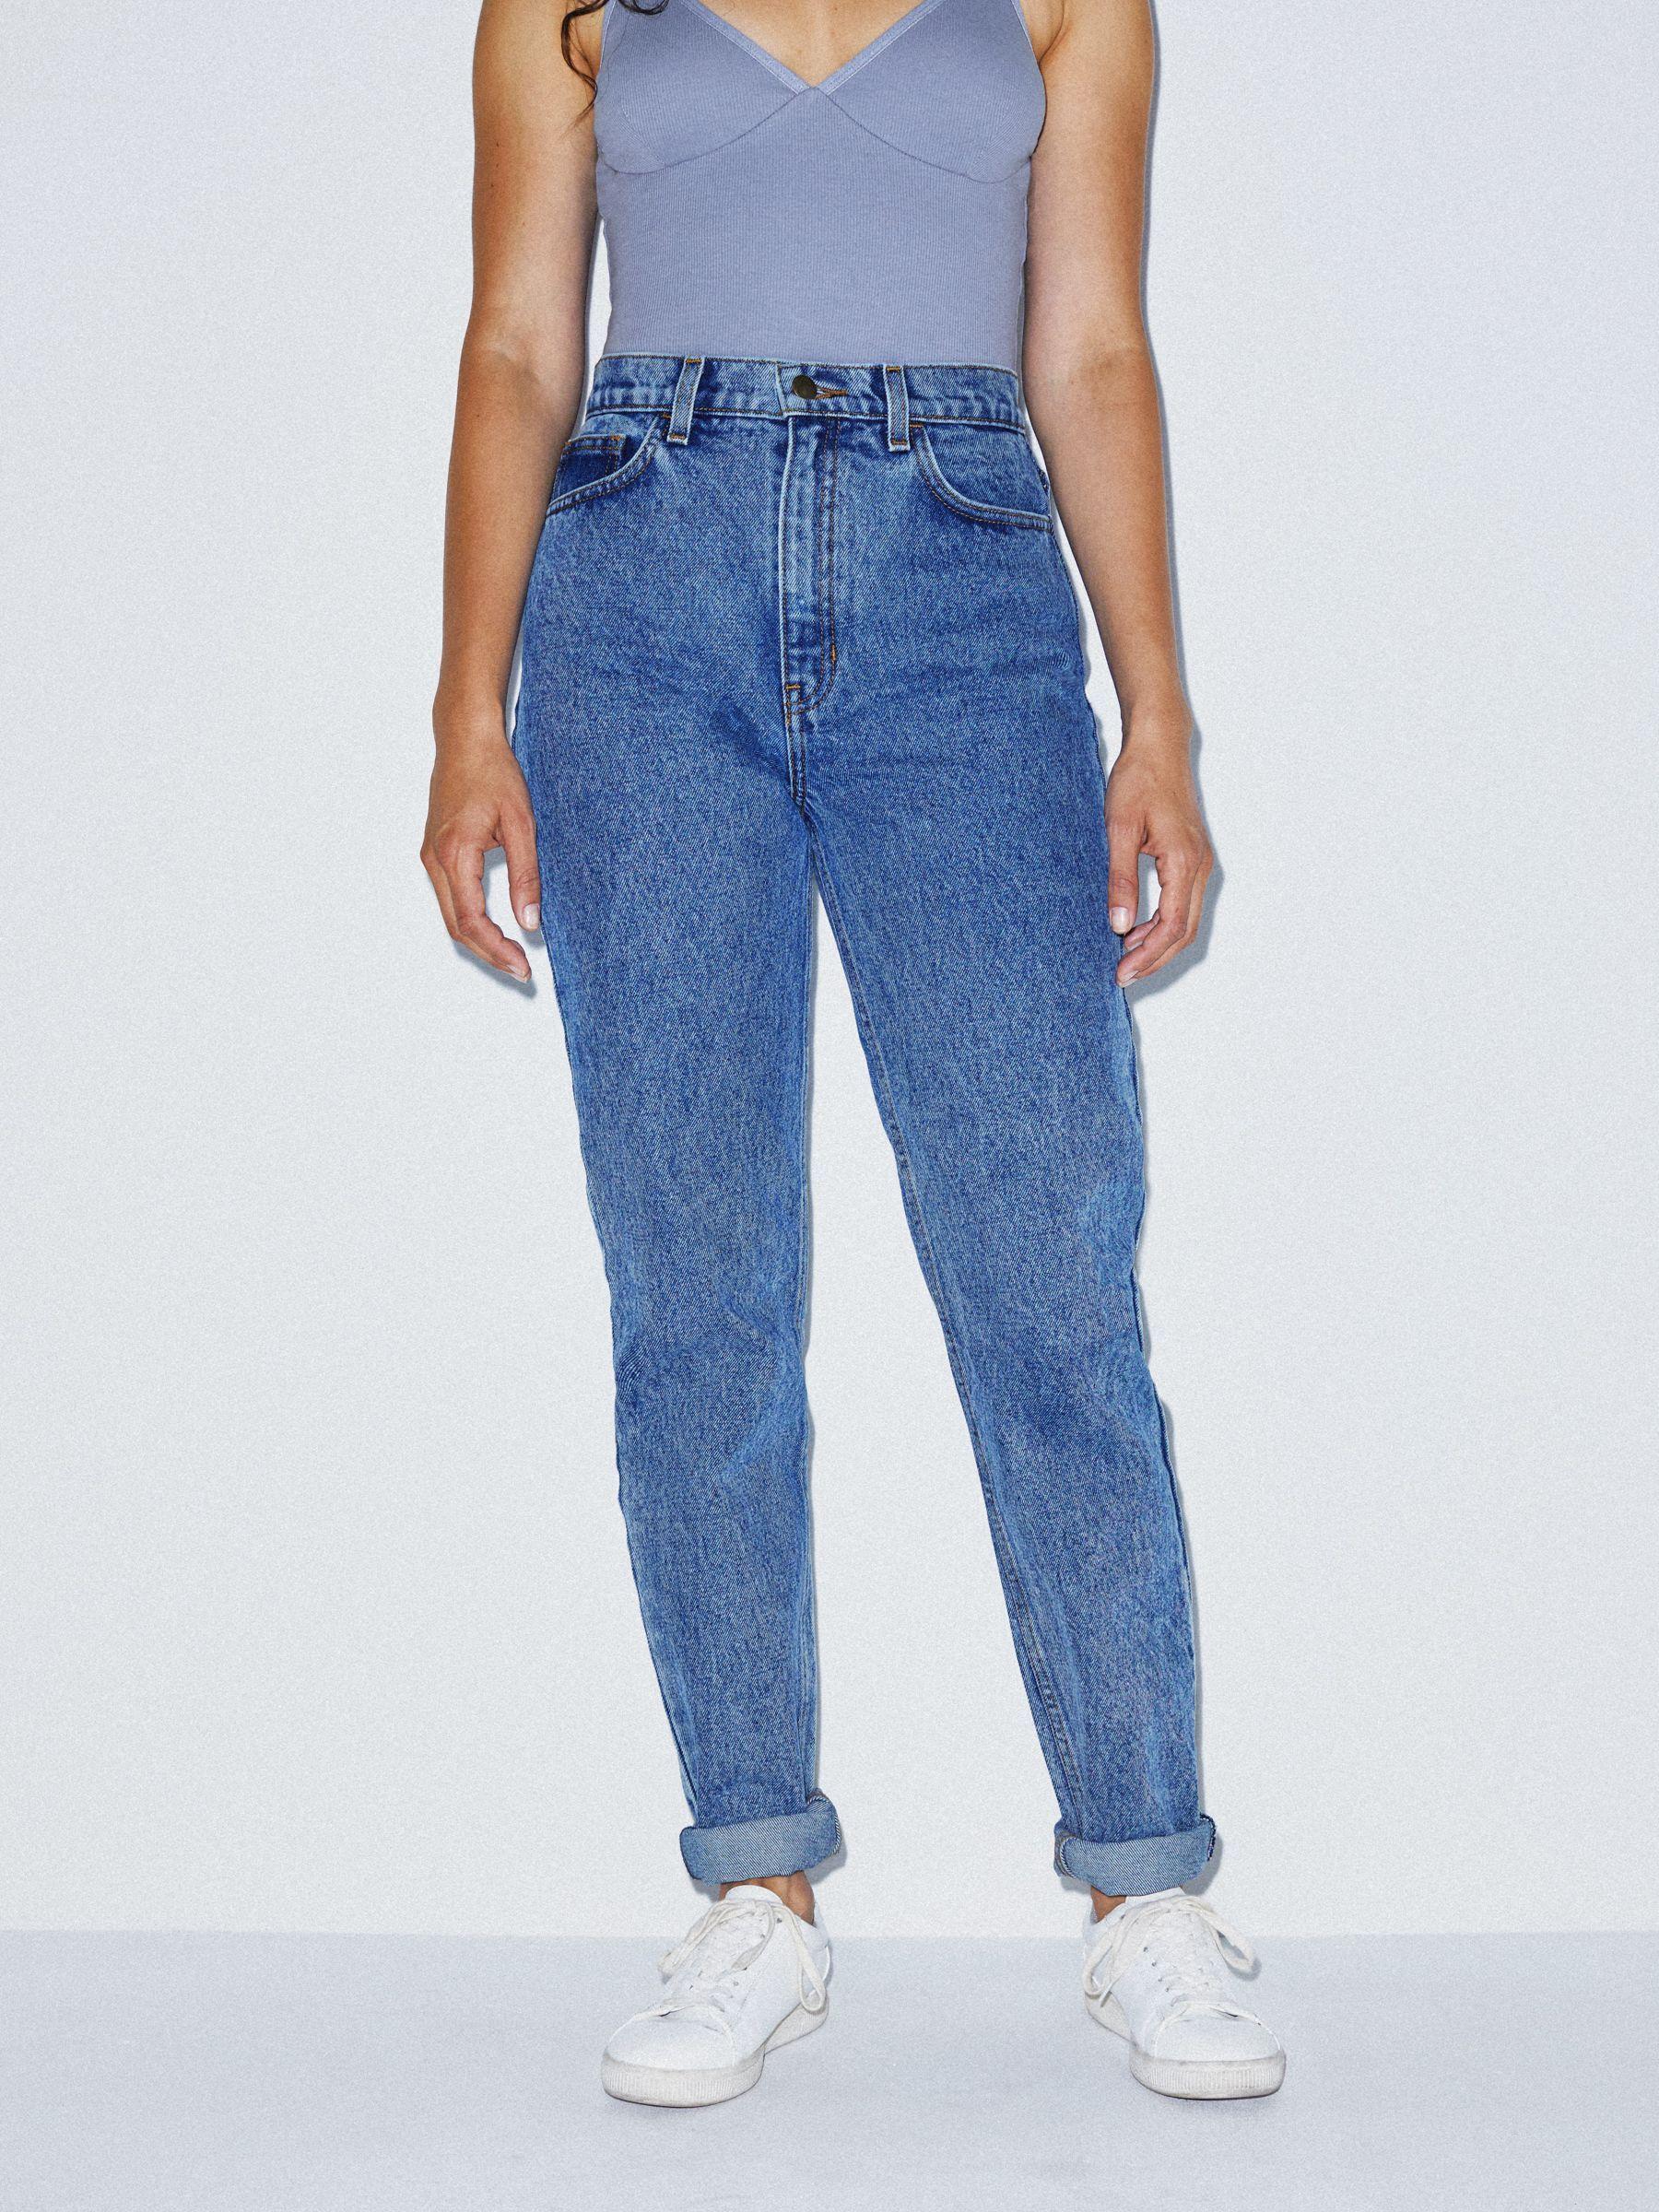 3f57ebda01 High-Waist Jean | American Apparel | -Wardrobe in 2019 | High waist ...